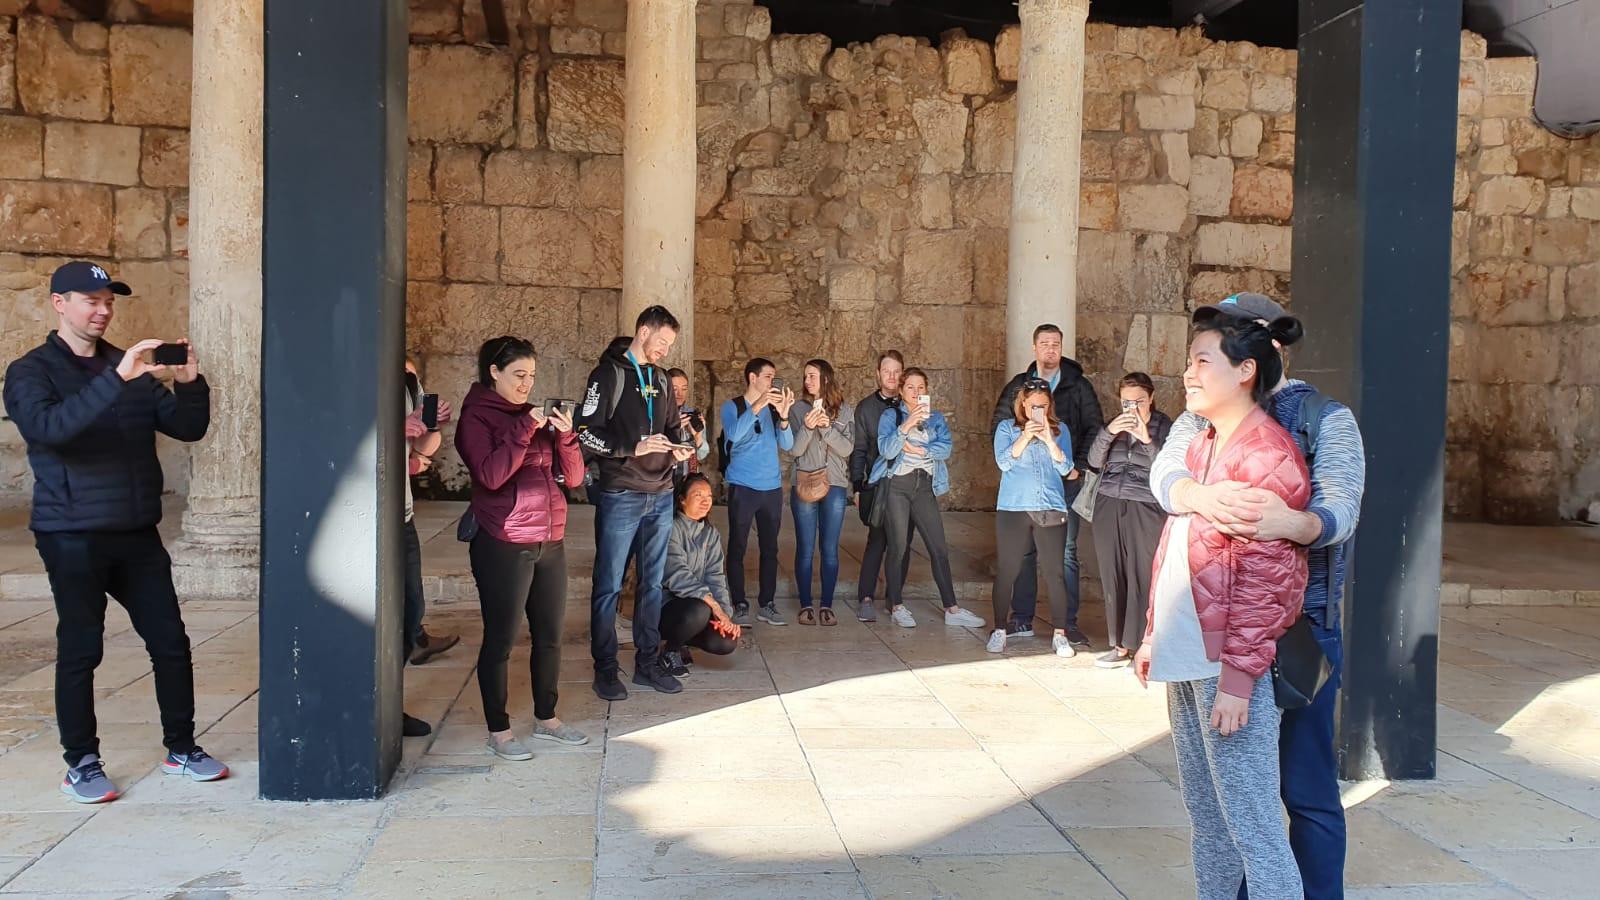 Jerusalem-Old-City-Photo-Tour-9